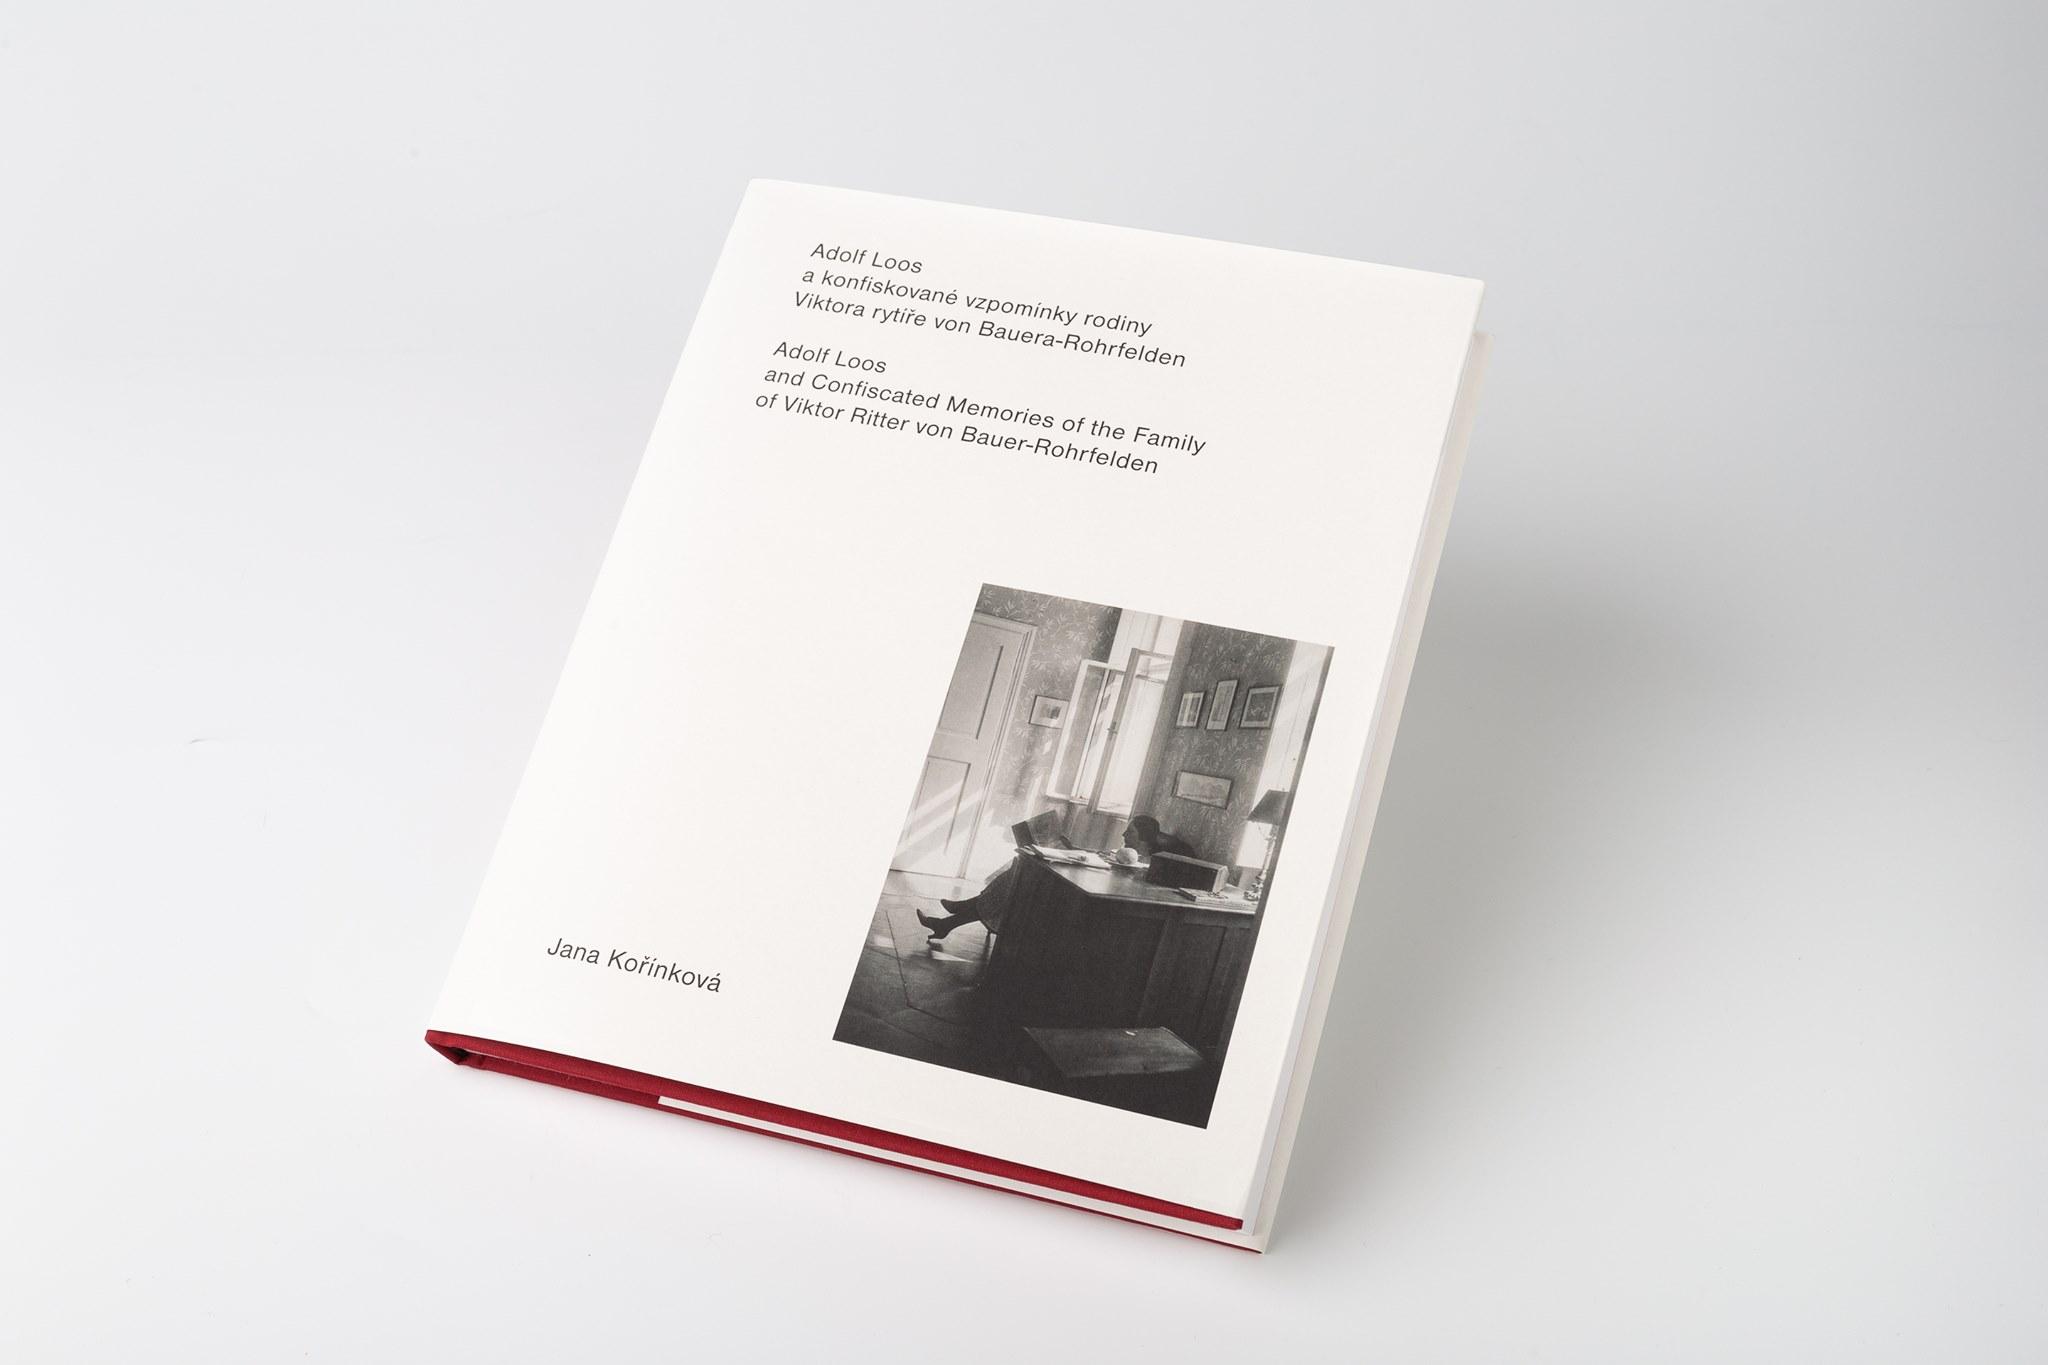 ČT / 23.5. / 18.00 / Křest knih FaVU / křest knih